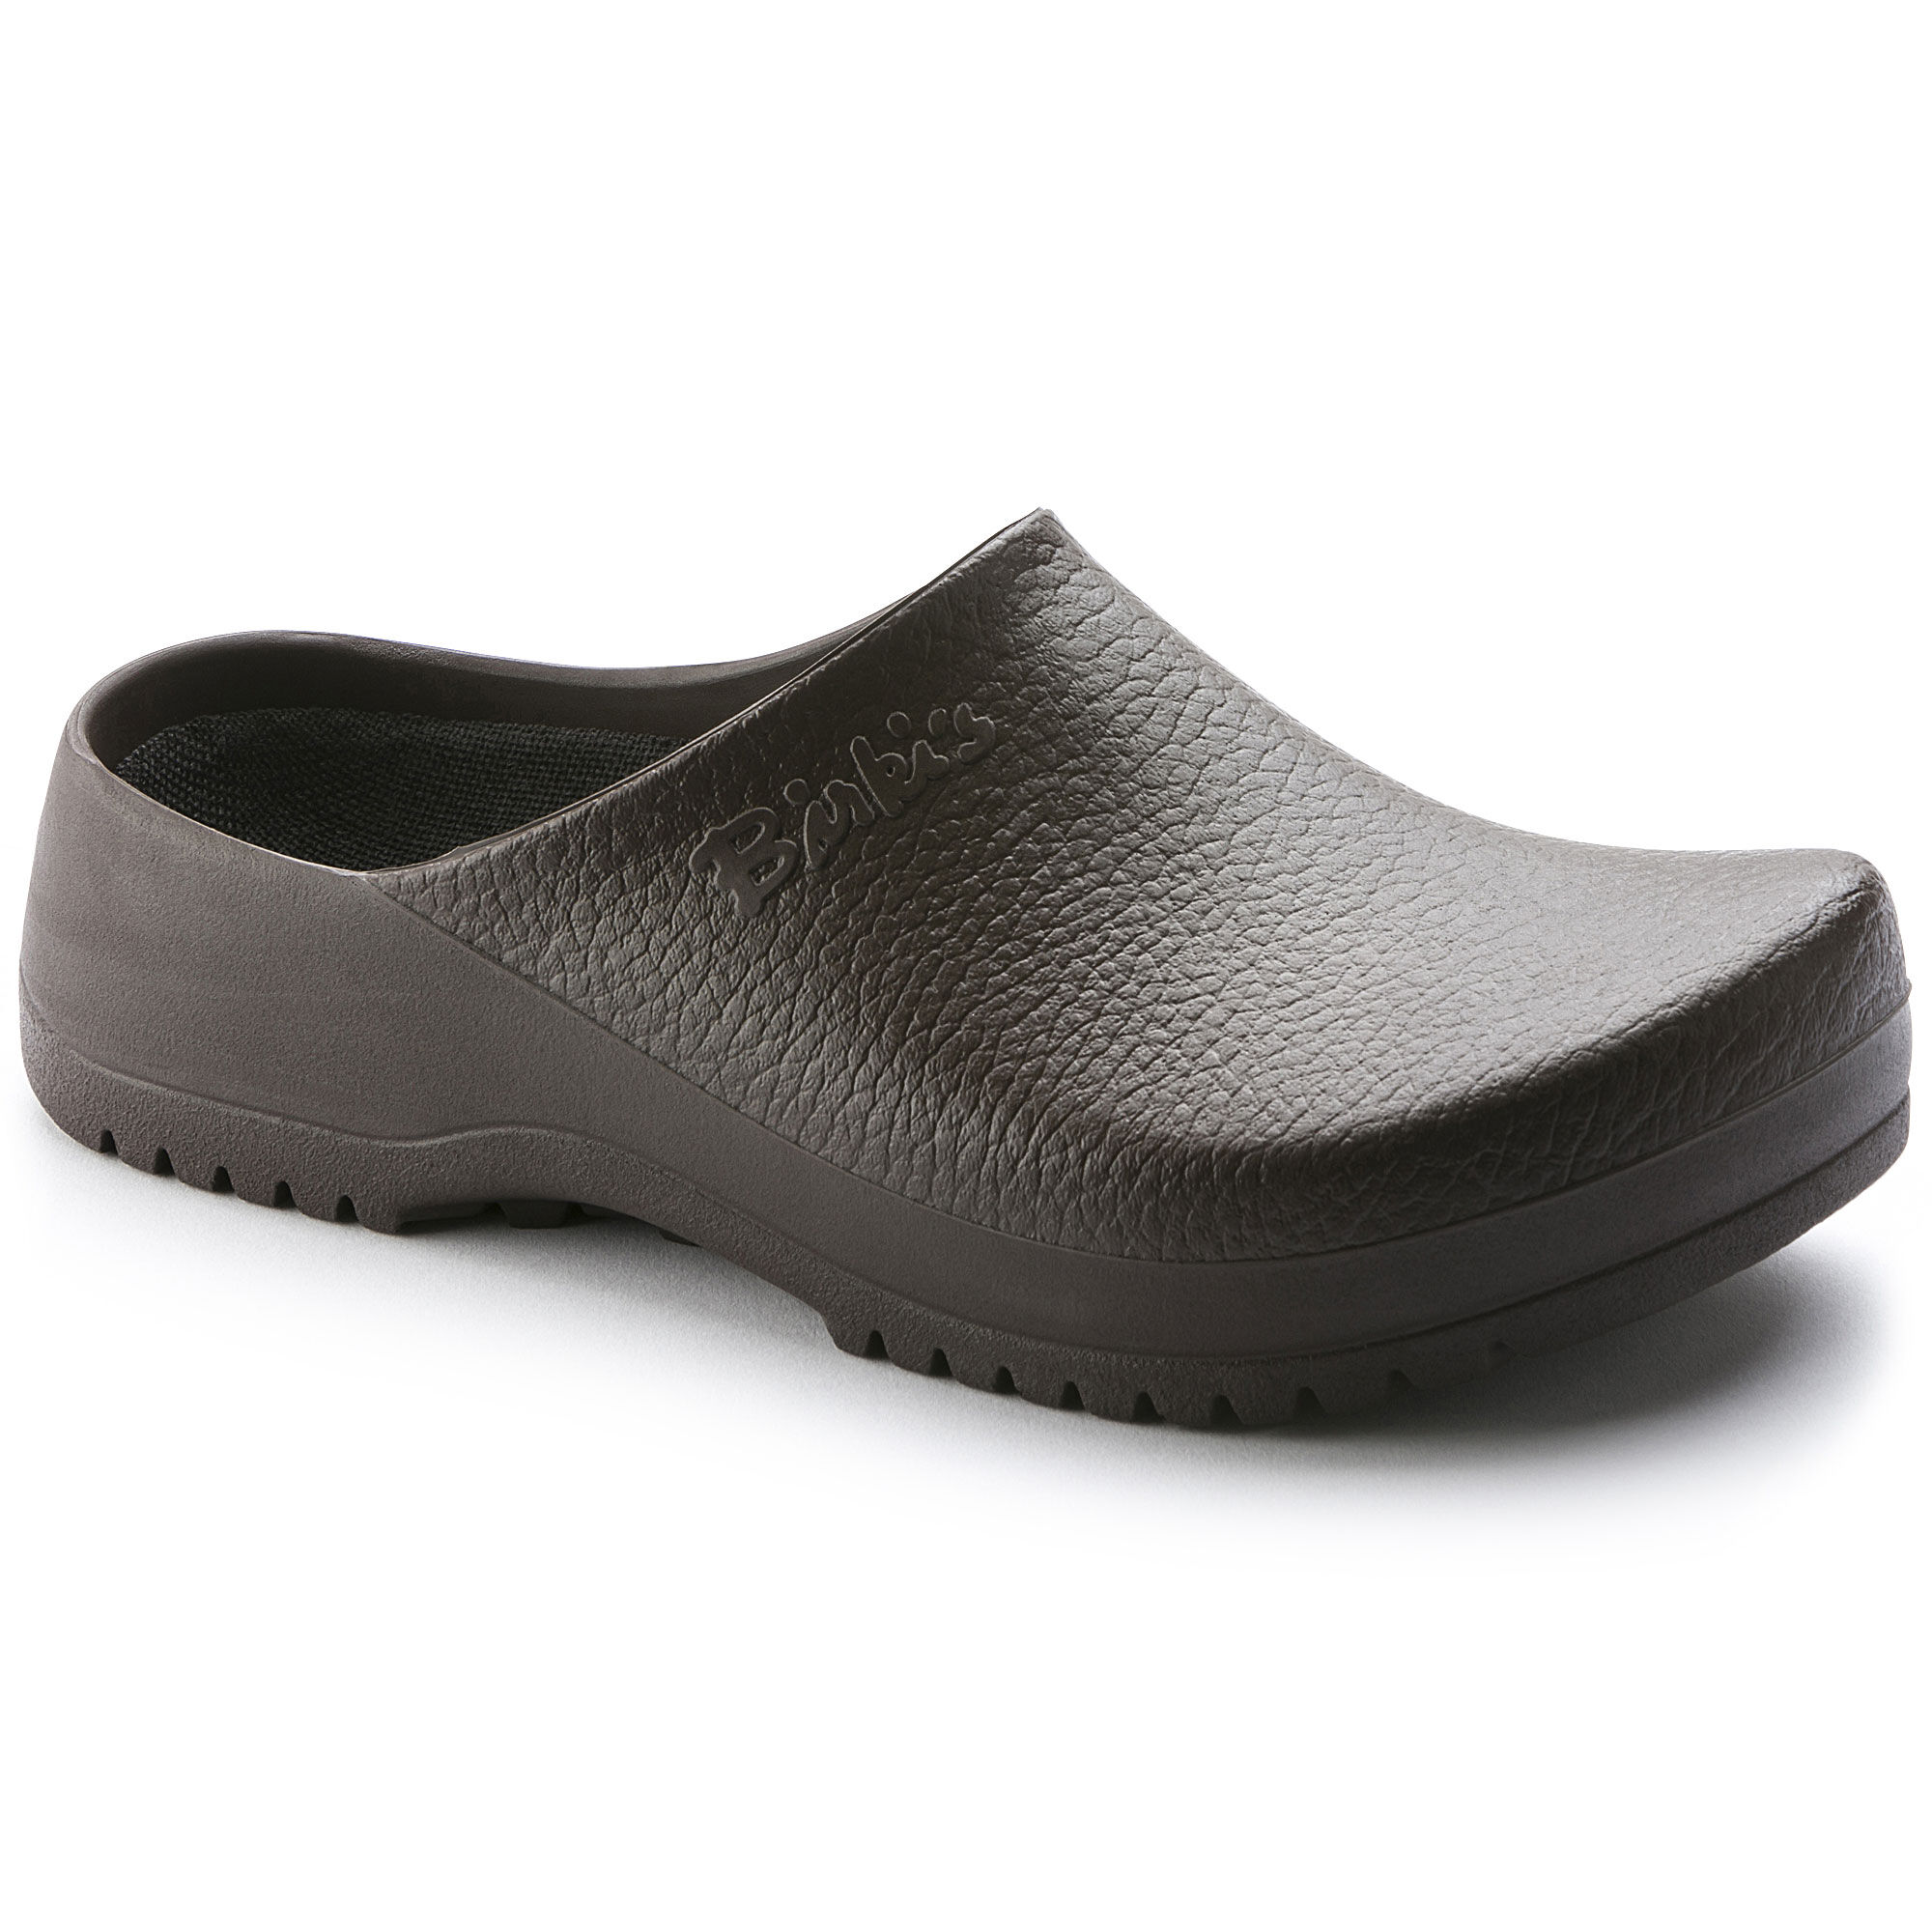 polyurethane shop online at birkenstock rh birkenstock com Birkenstock for Kitchen Birkenstock Nursing Shoes